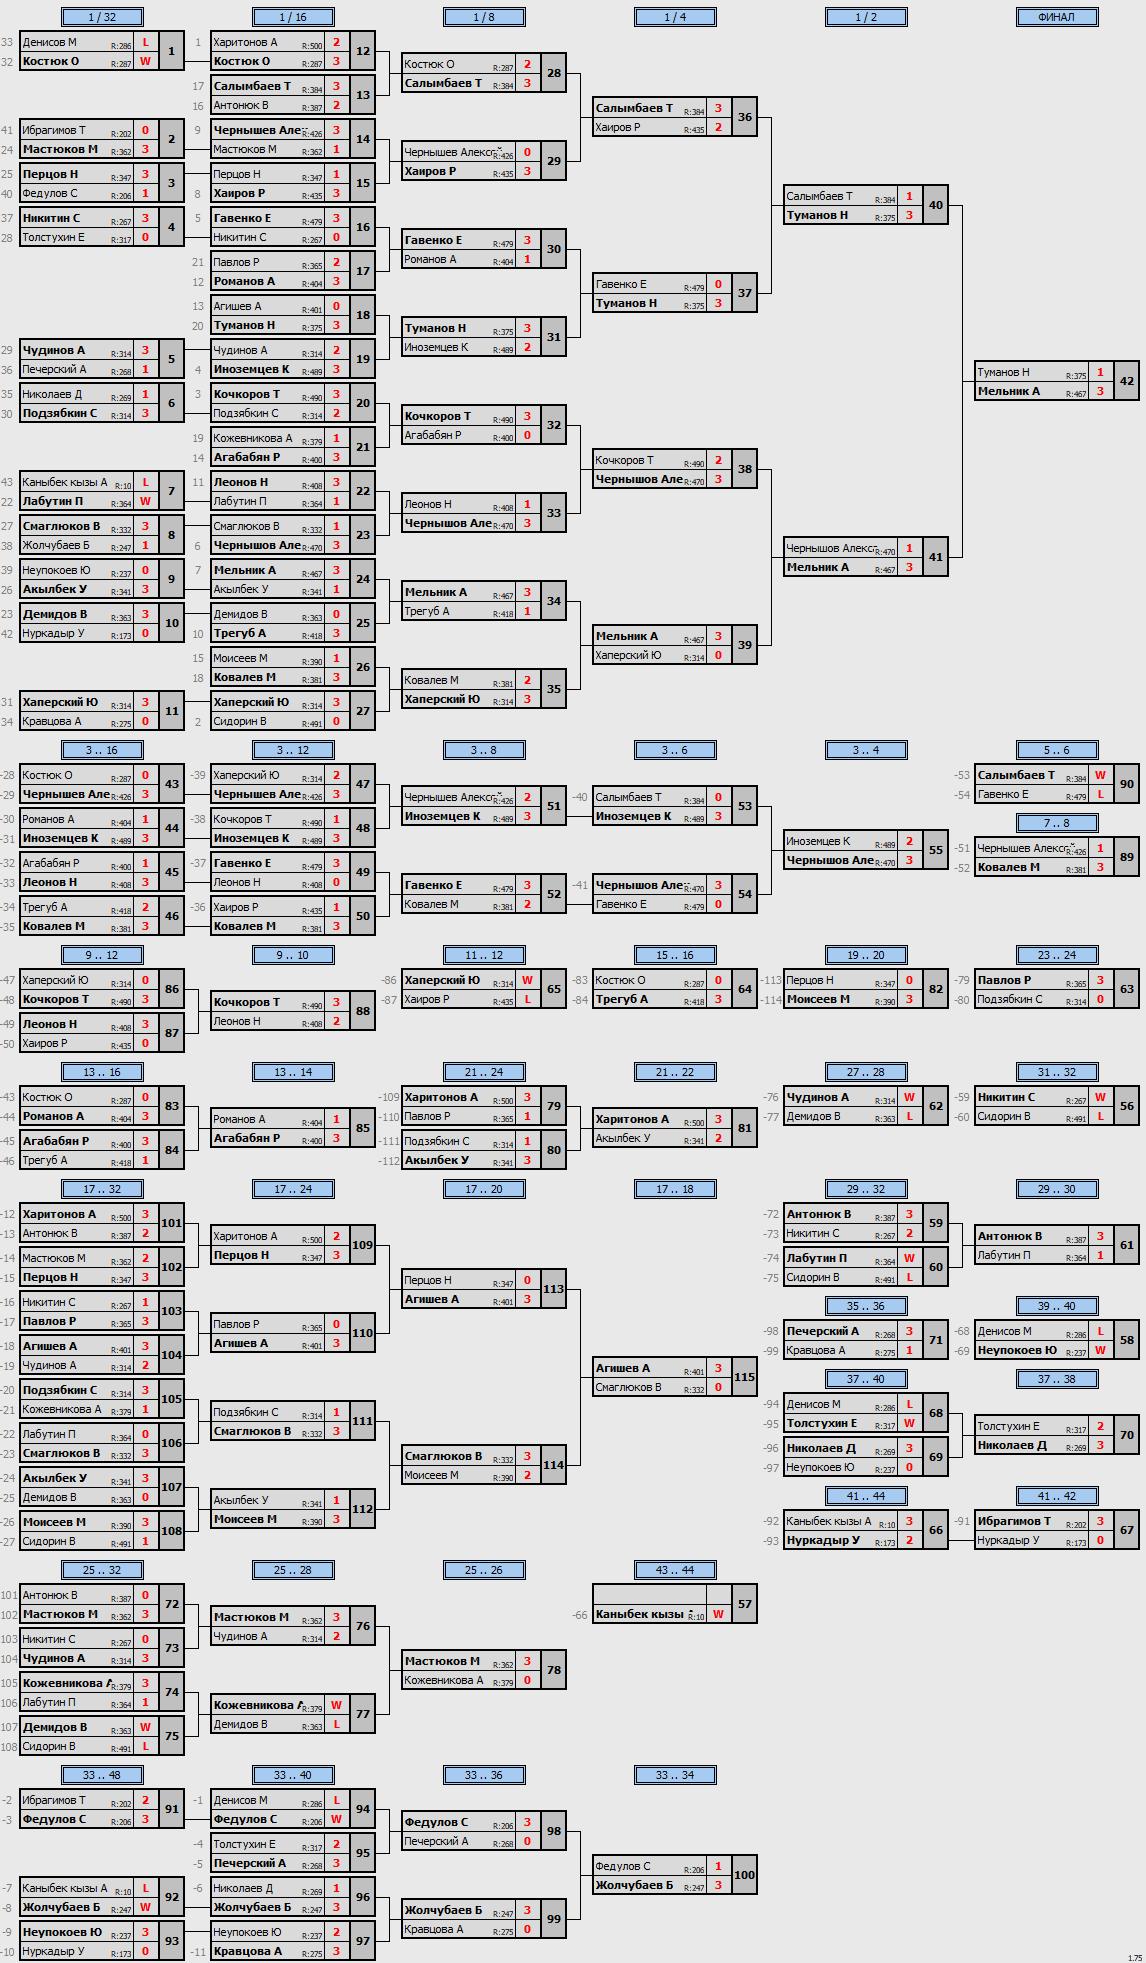 результаты турнира МАКС-500 в клубе ArtTT на Преображенке